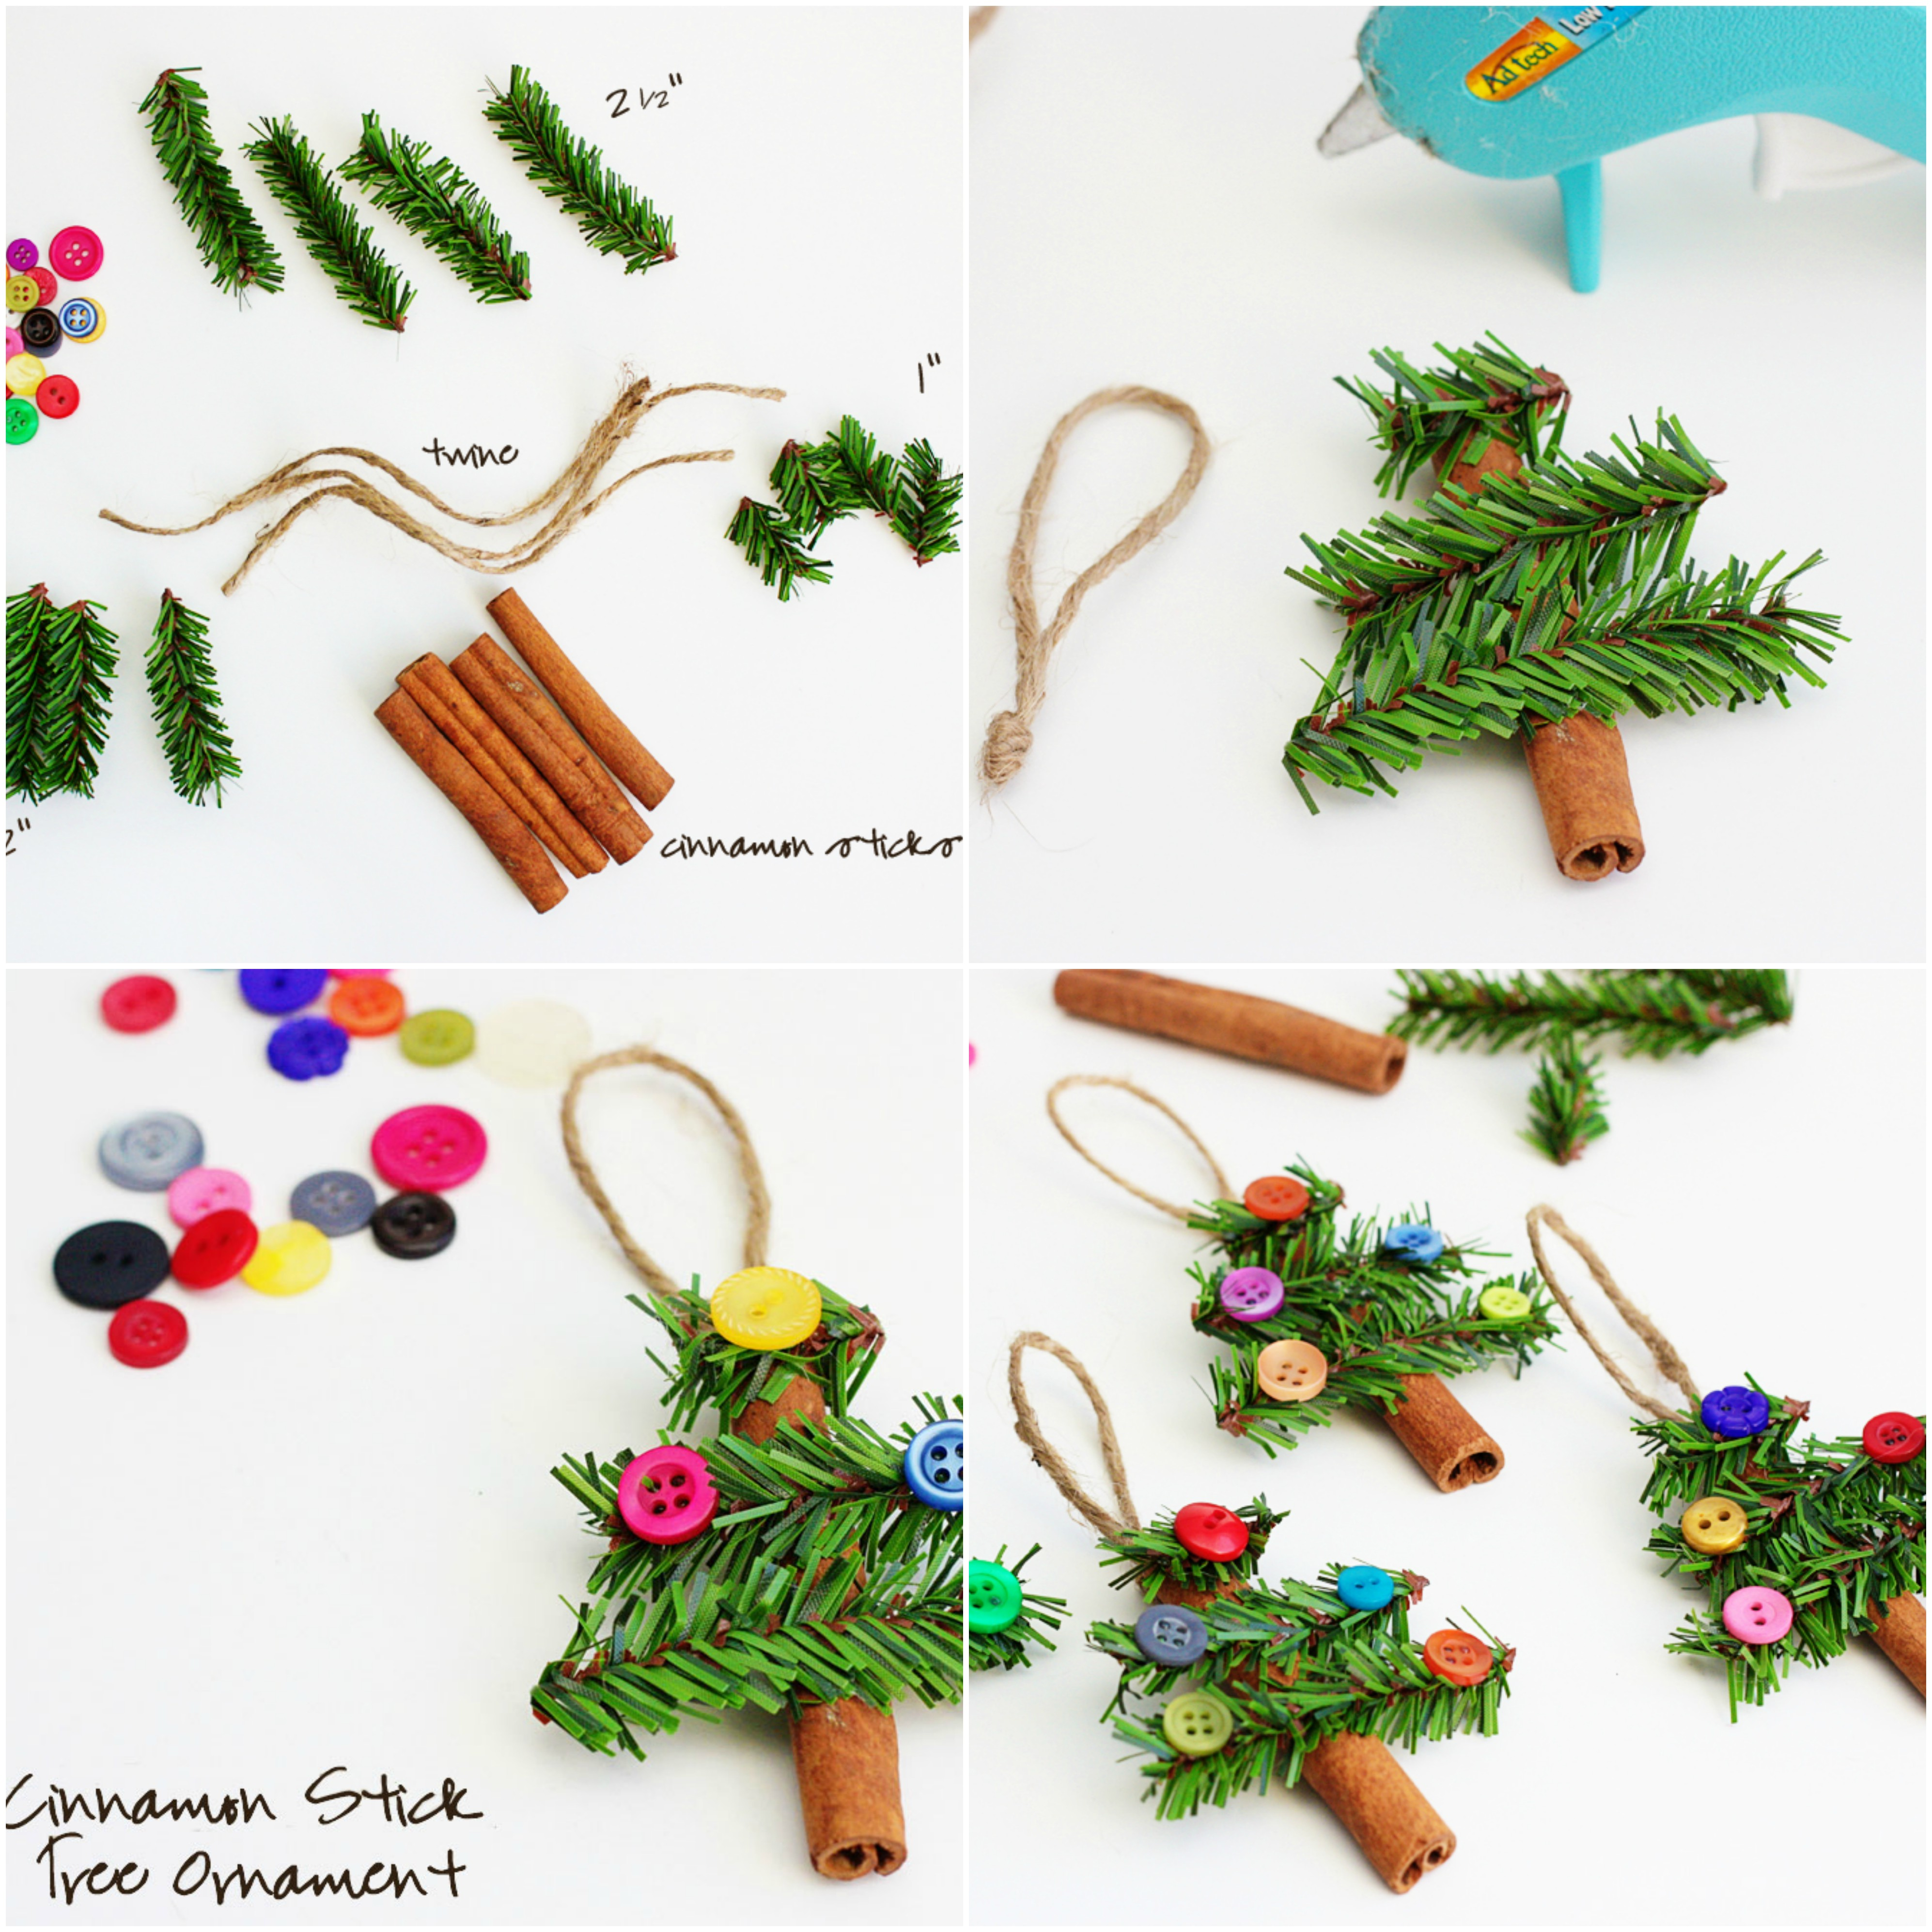 bricolage de noel facile, comment fabriquer un ornement de noel en batons de cannelle, brins de pin et boutons colorés, décoration sapin de noel